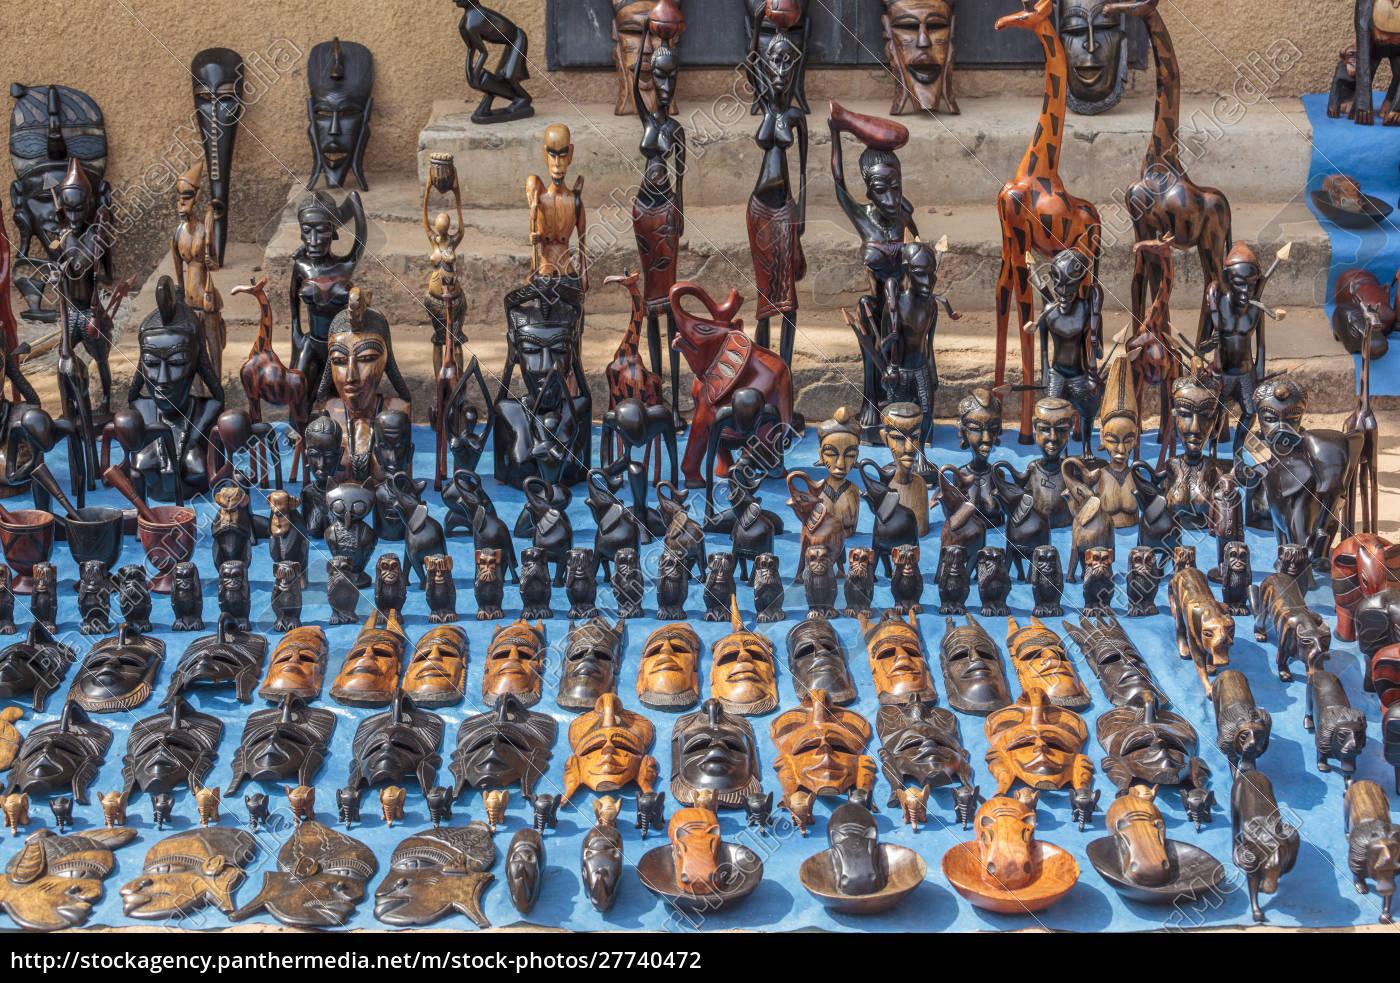 afrika, gambia, banjul., holzmasken, tiere, und, andere, handwerke, zum - 27740472